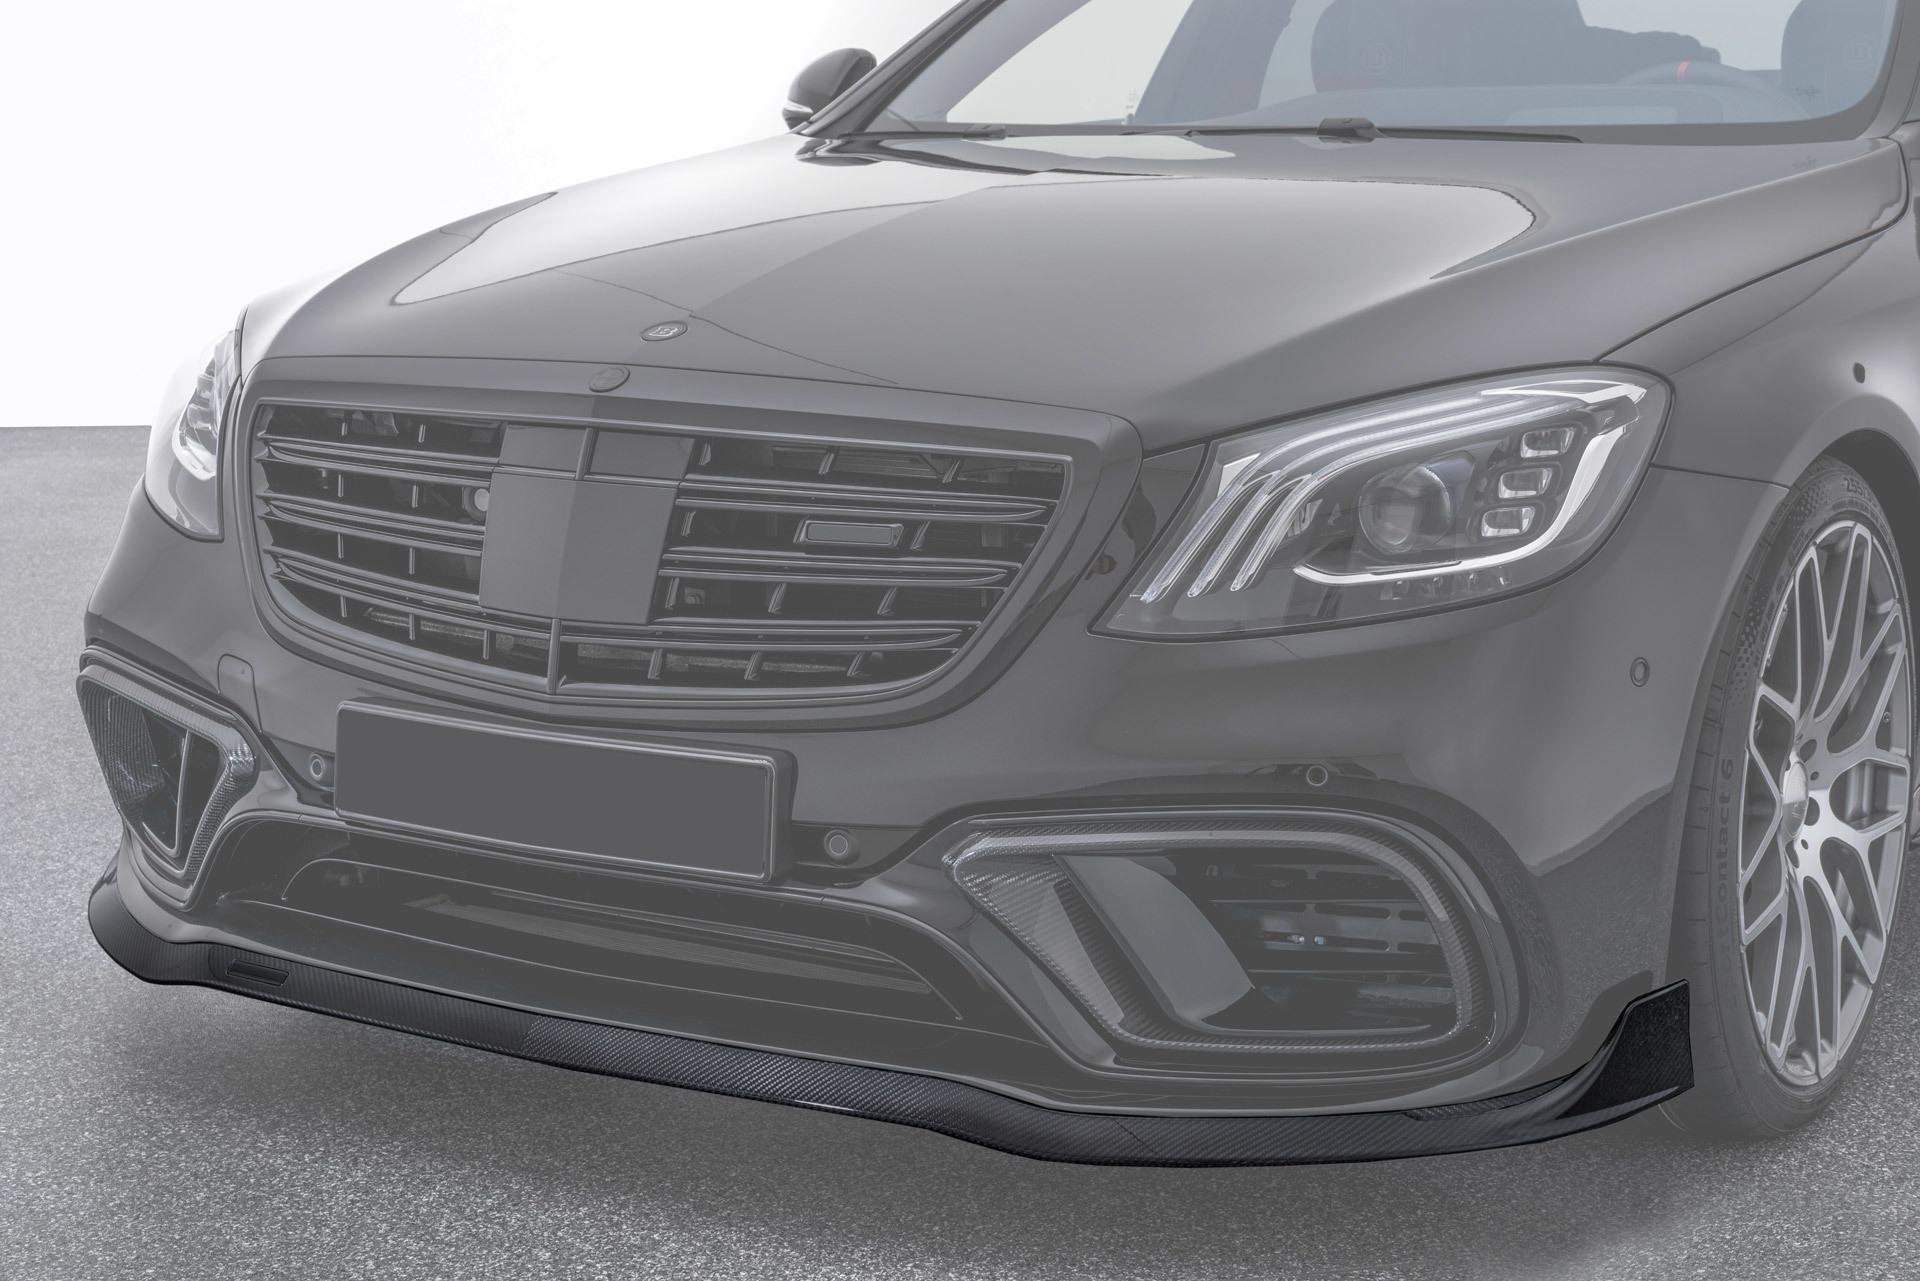 Спойлер переднего бампера  для Mercedes S63 AMG W222